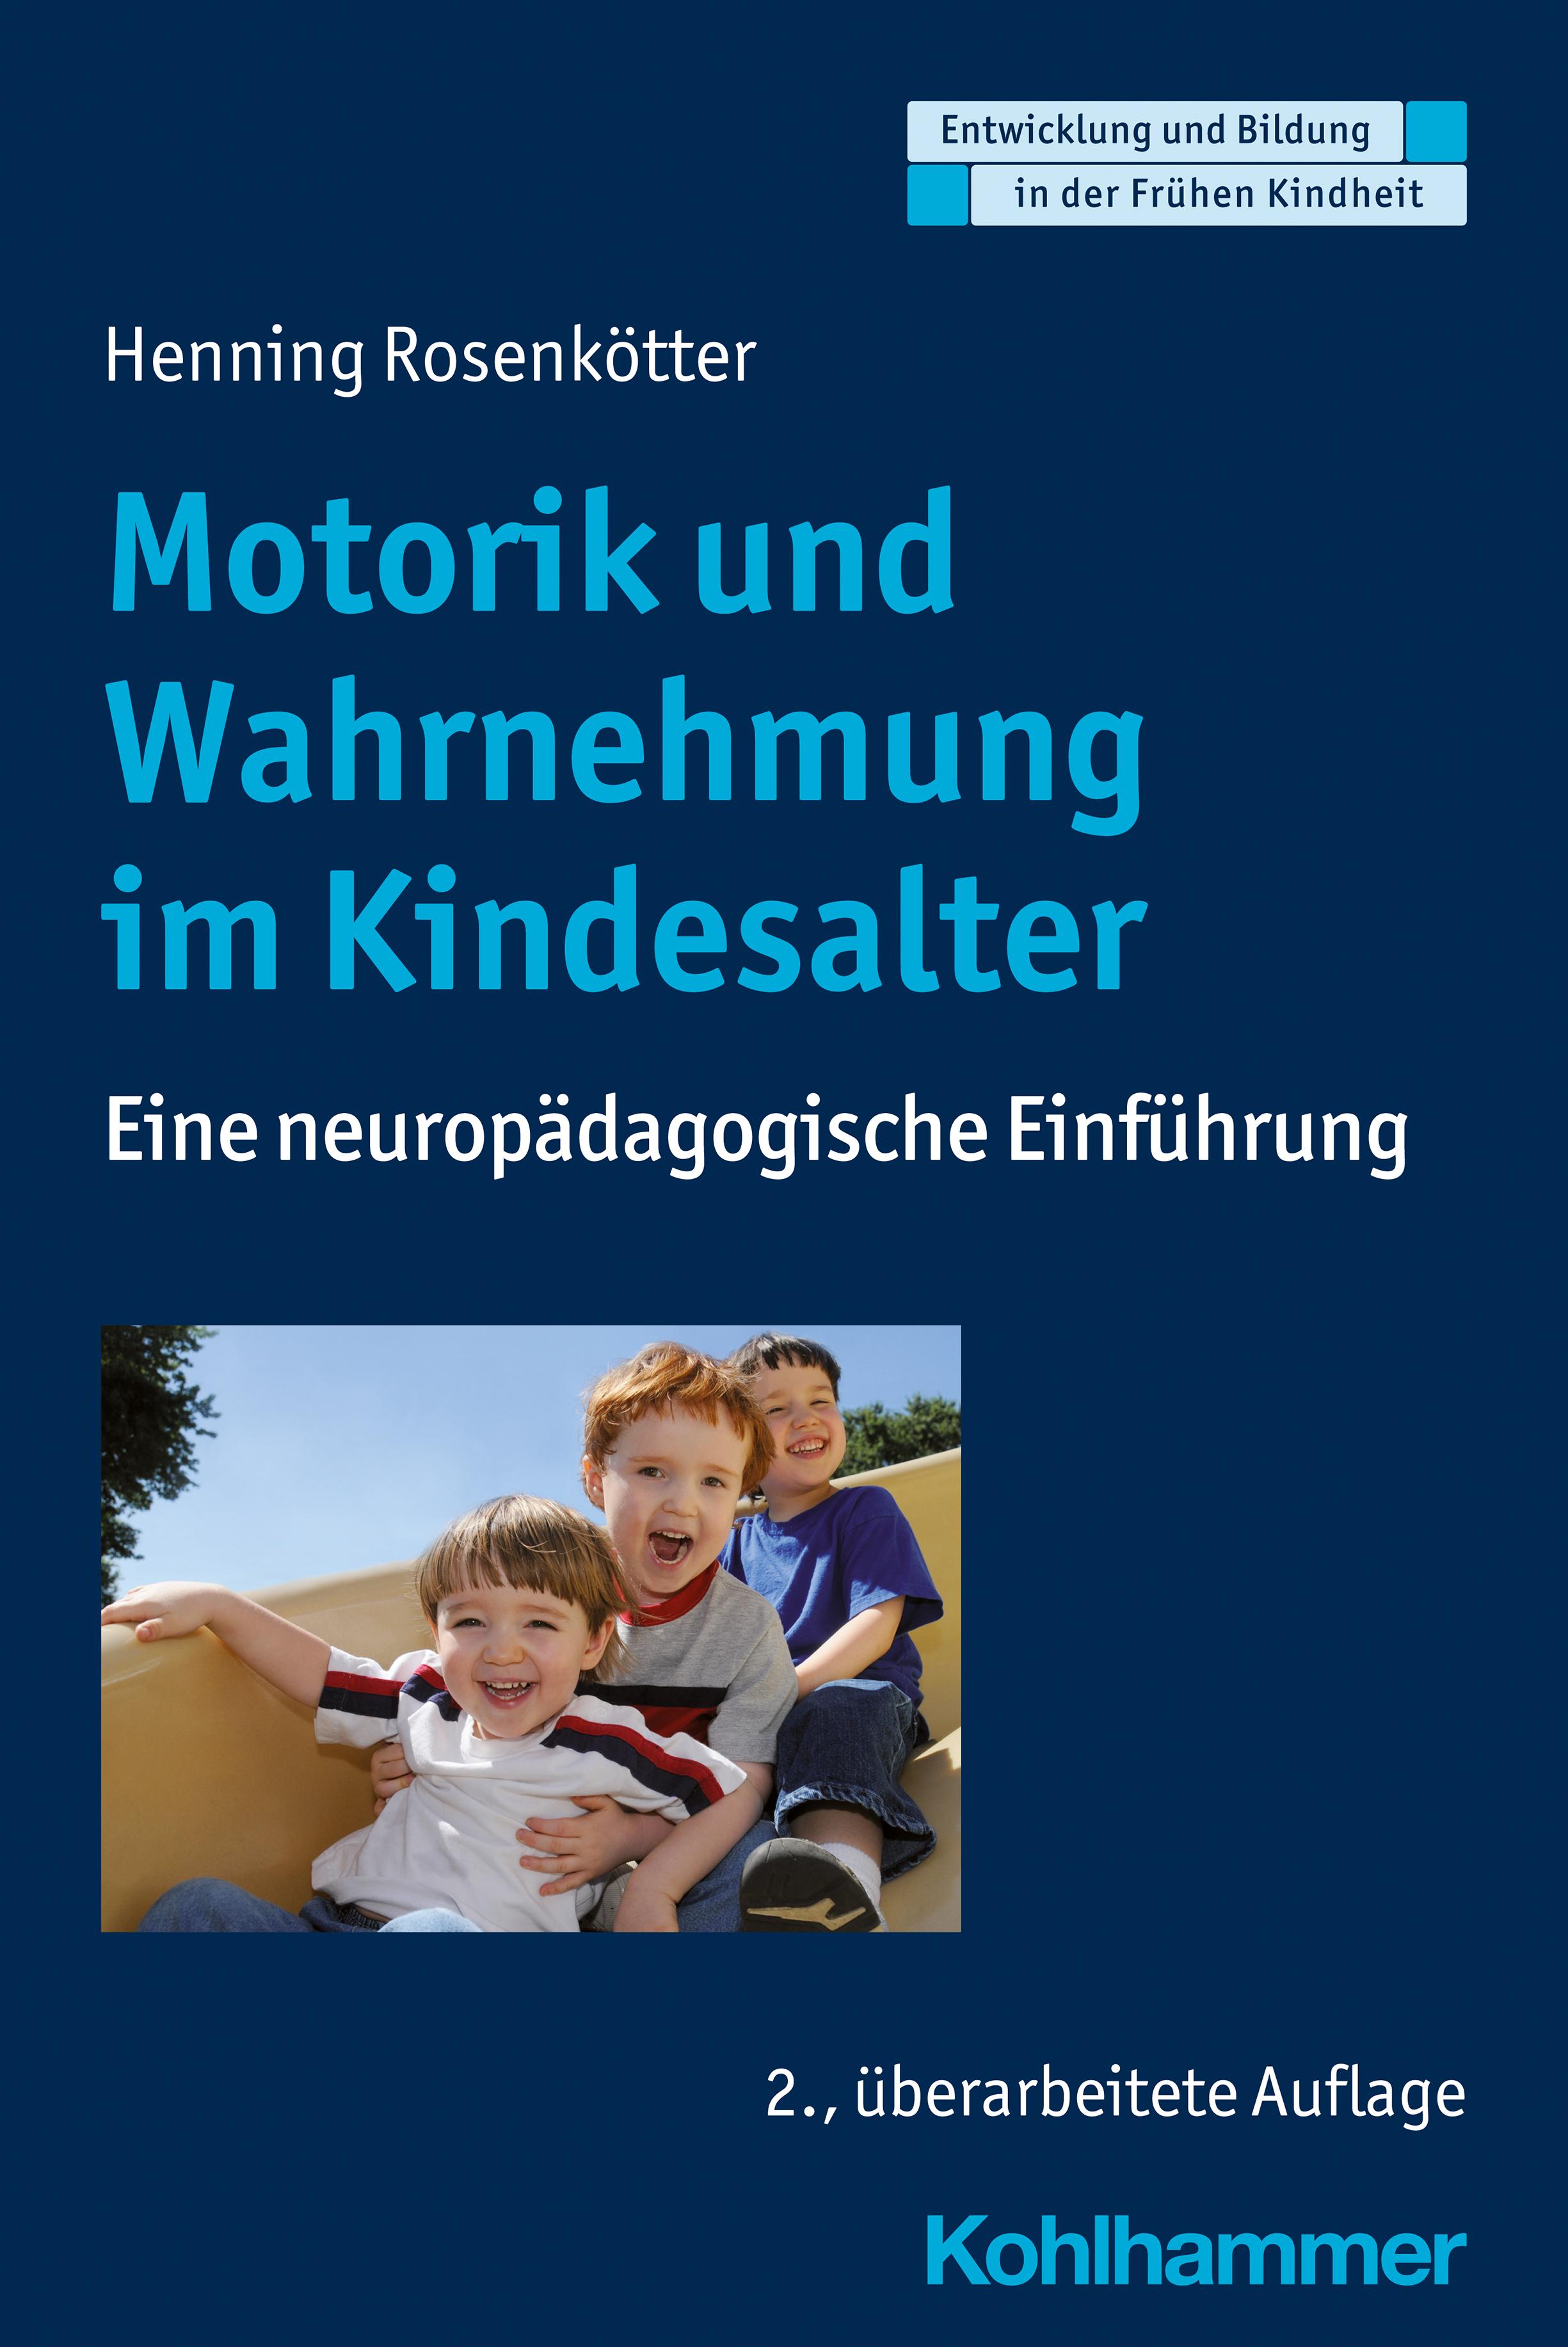 Motorik und Wahrnehmung im Kindesalter